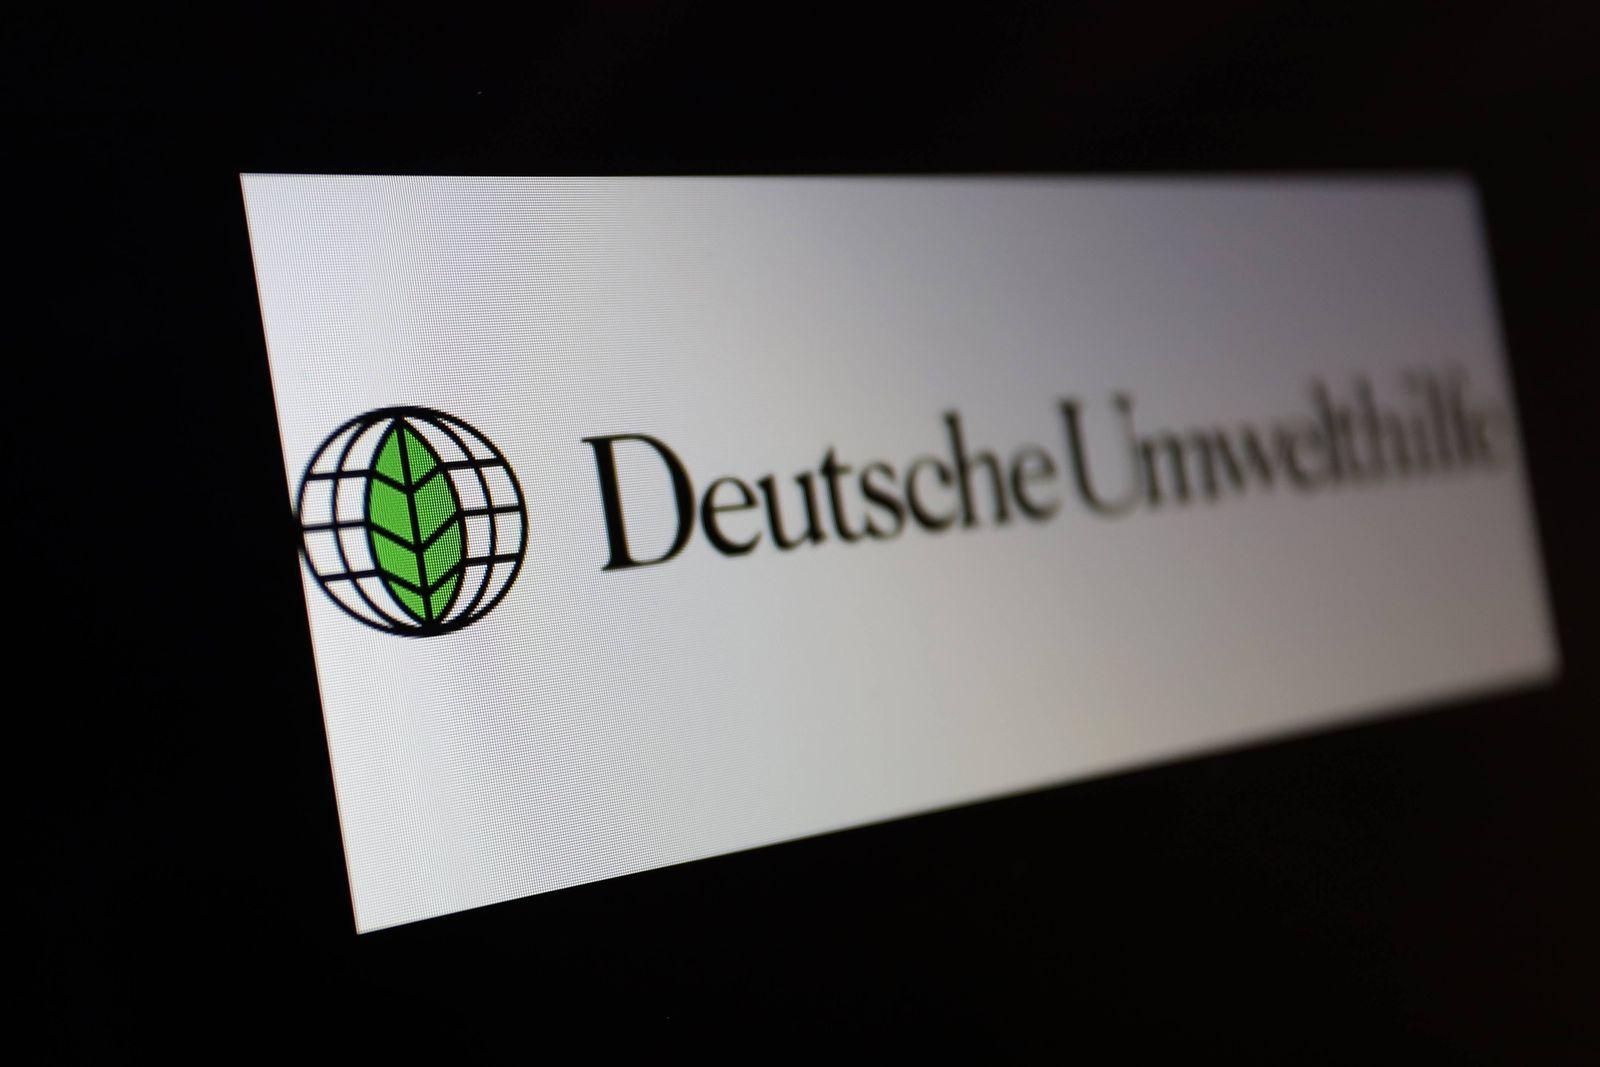 EINMALIGE VERWENDUNG DUH/ Deutsche Umwelthilfe